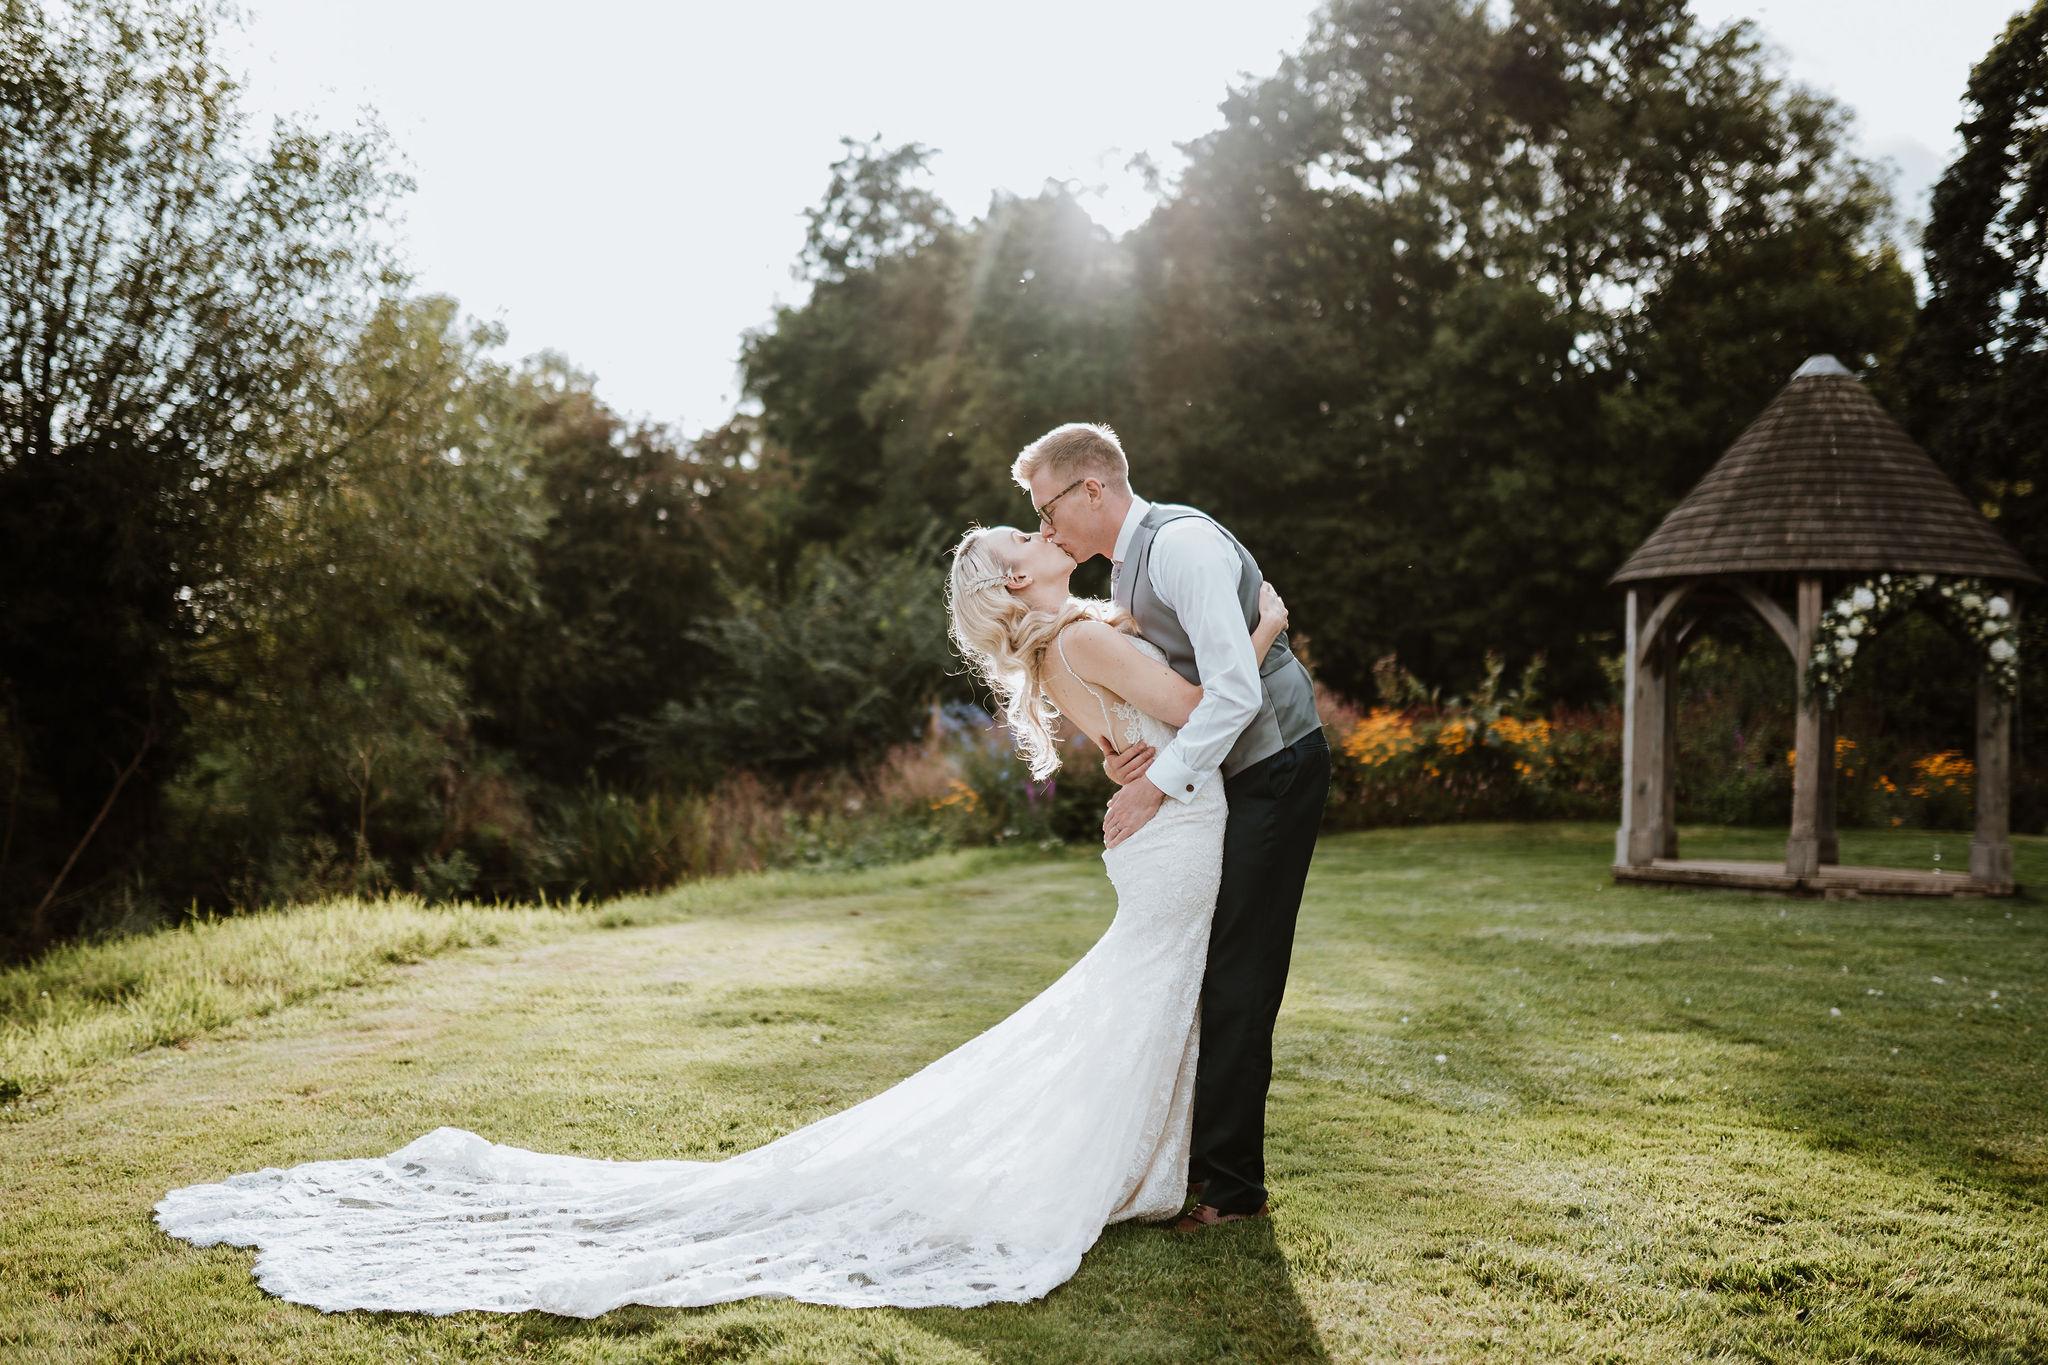 Wedding photographer Bristol, South West, Somerset, Bath, Devon